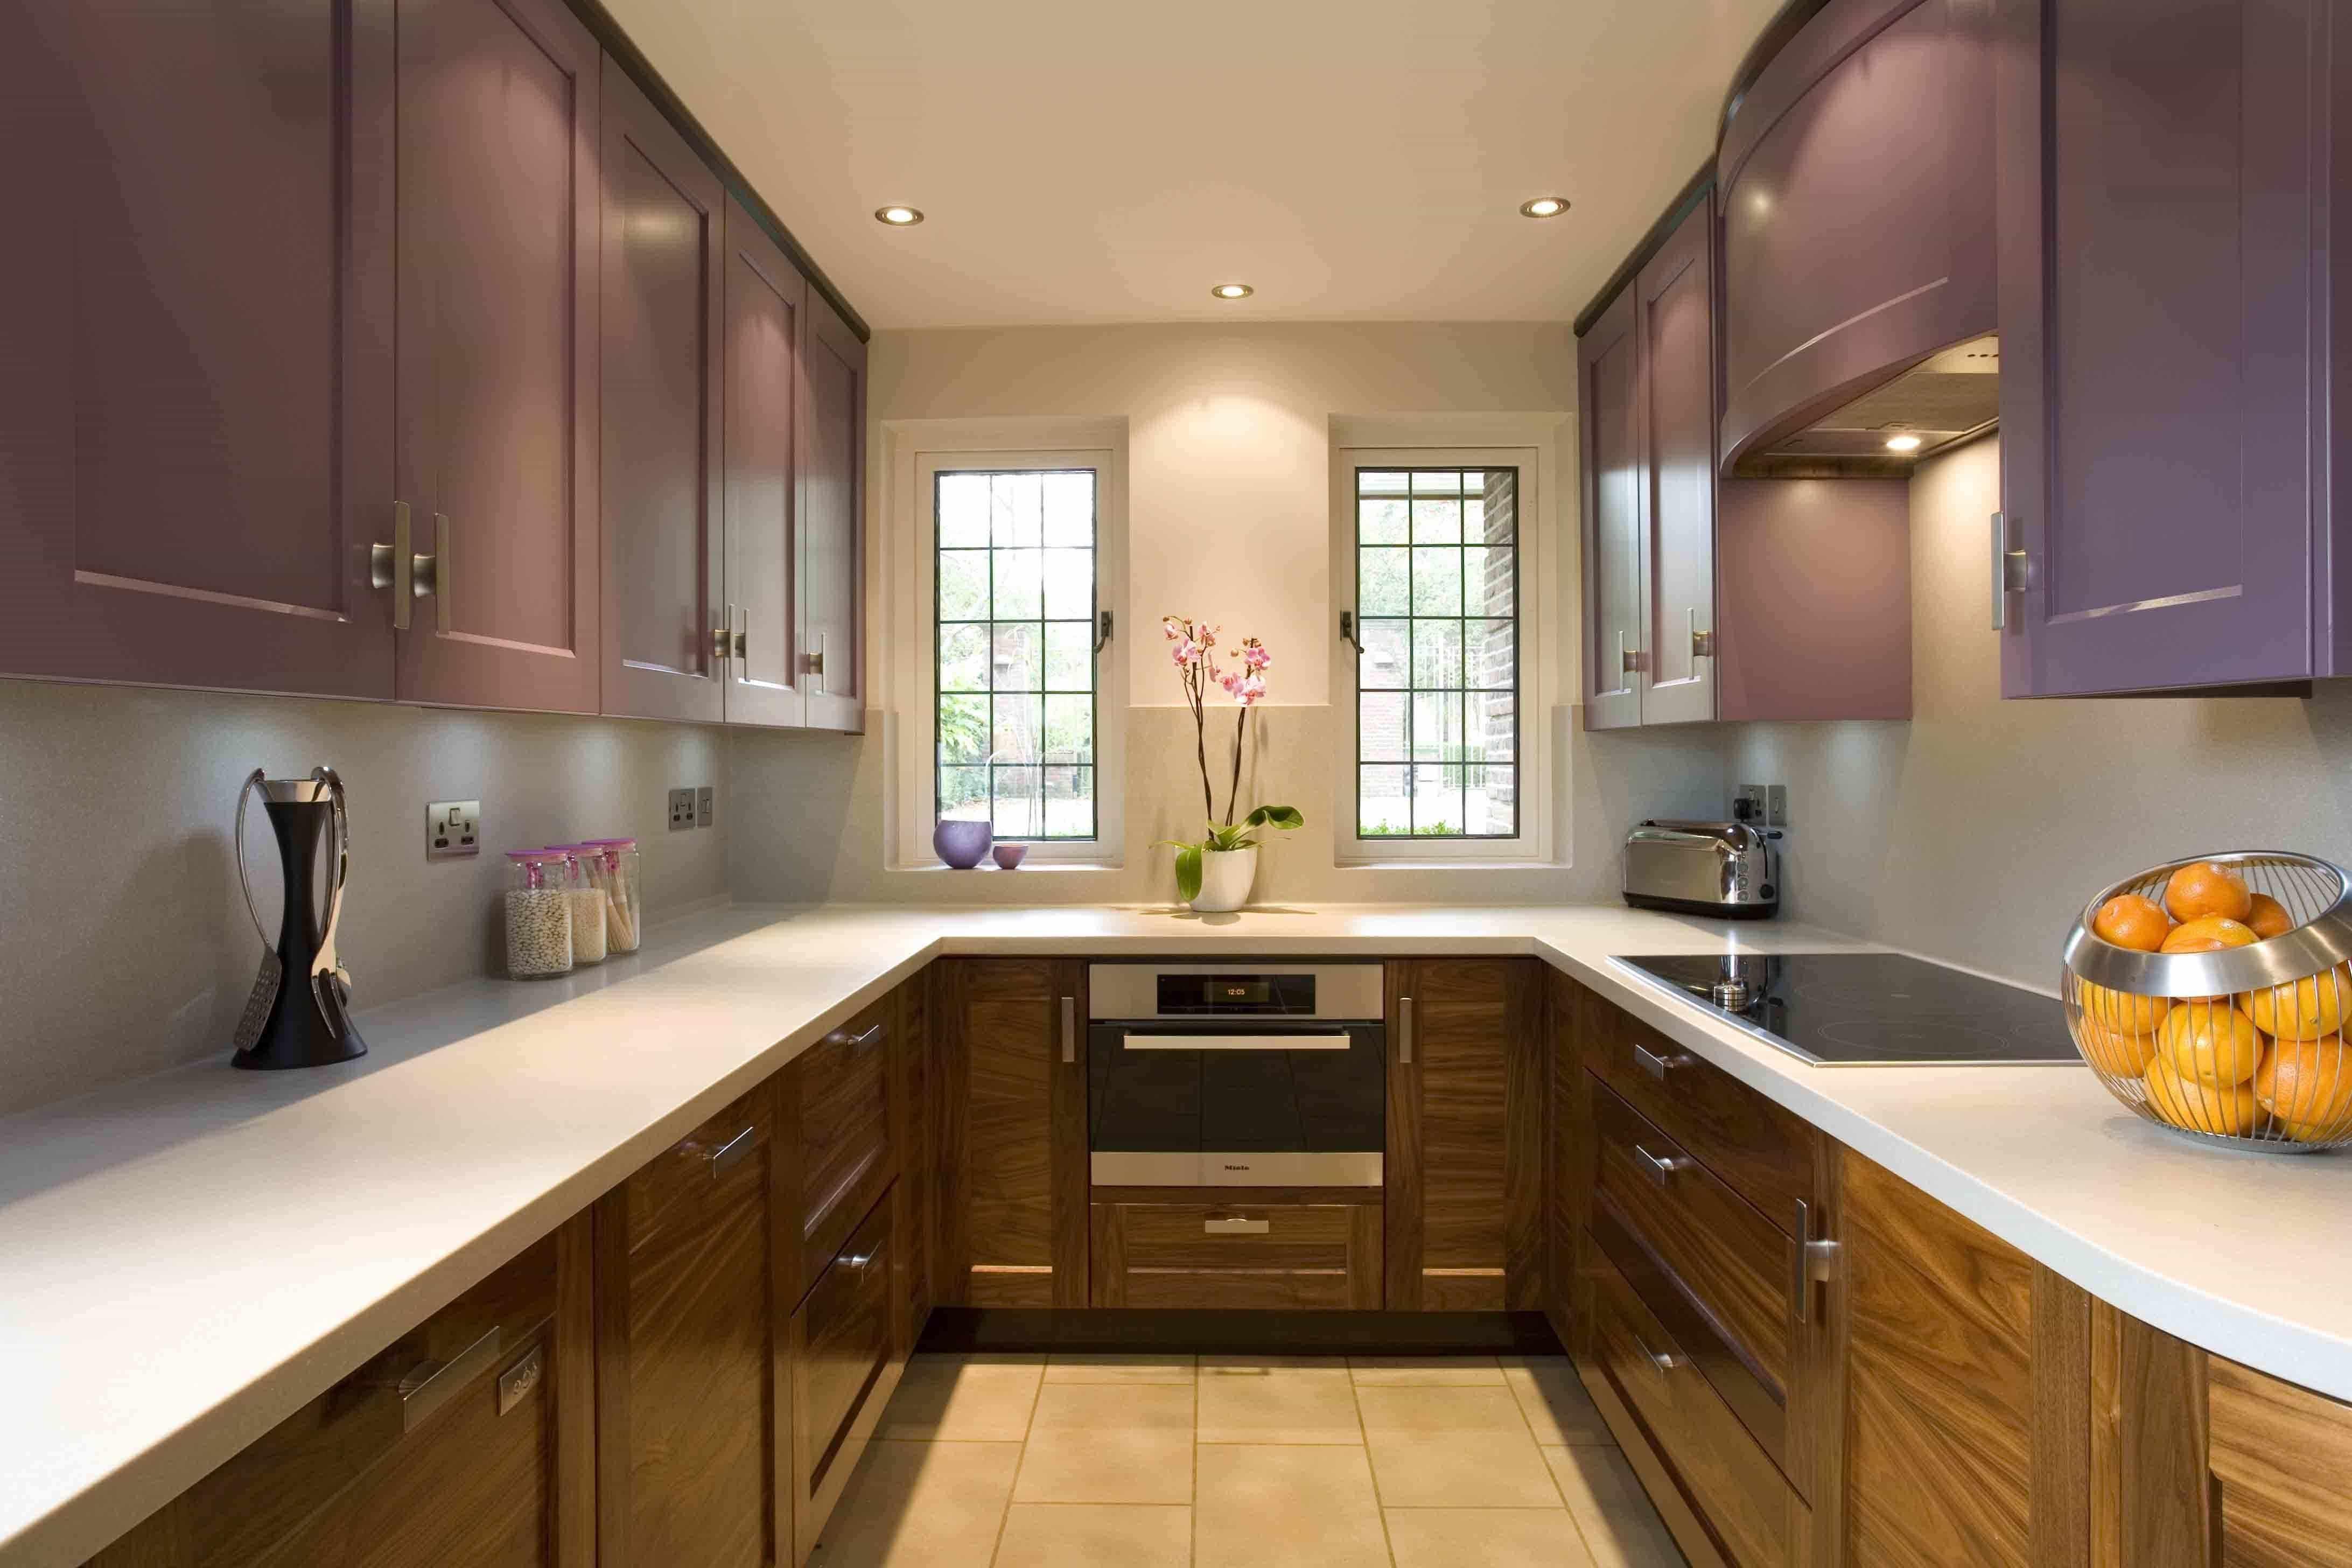 П-образная кухня в сиреневом цвете в сочетании с деревом